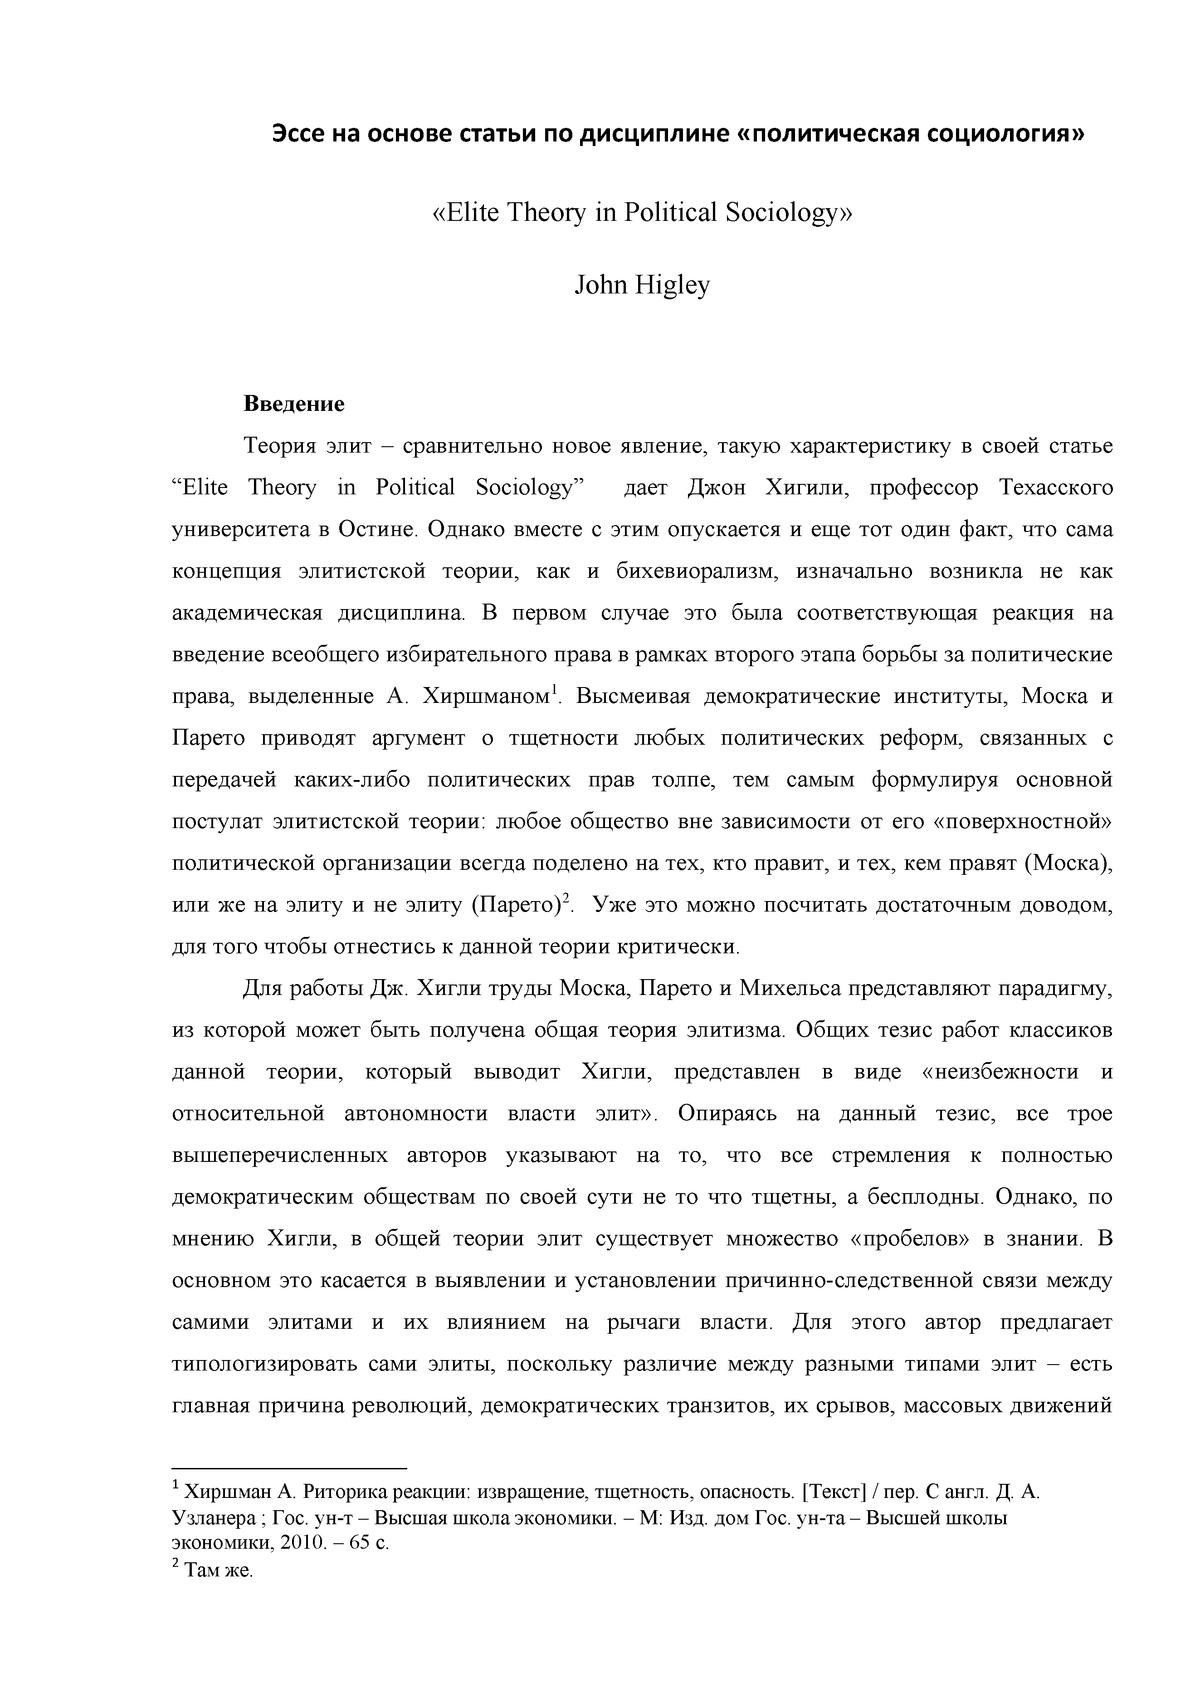 Эссе по политической социологии 7254